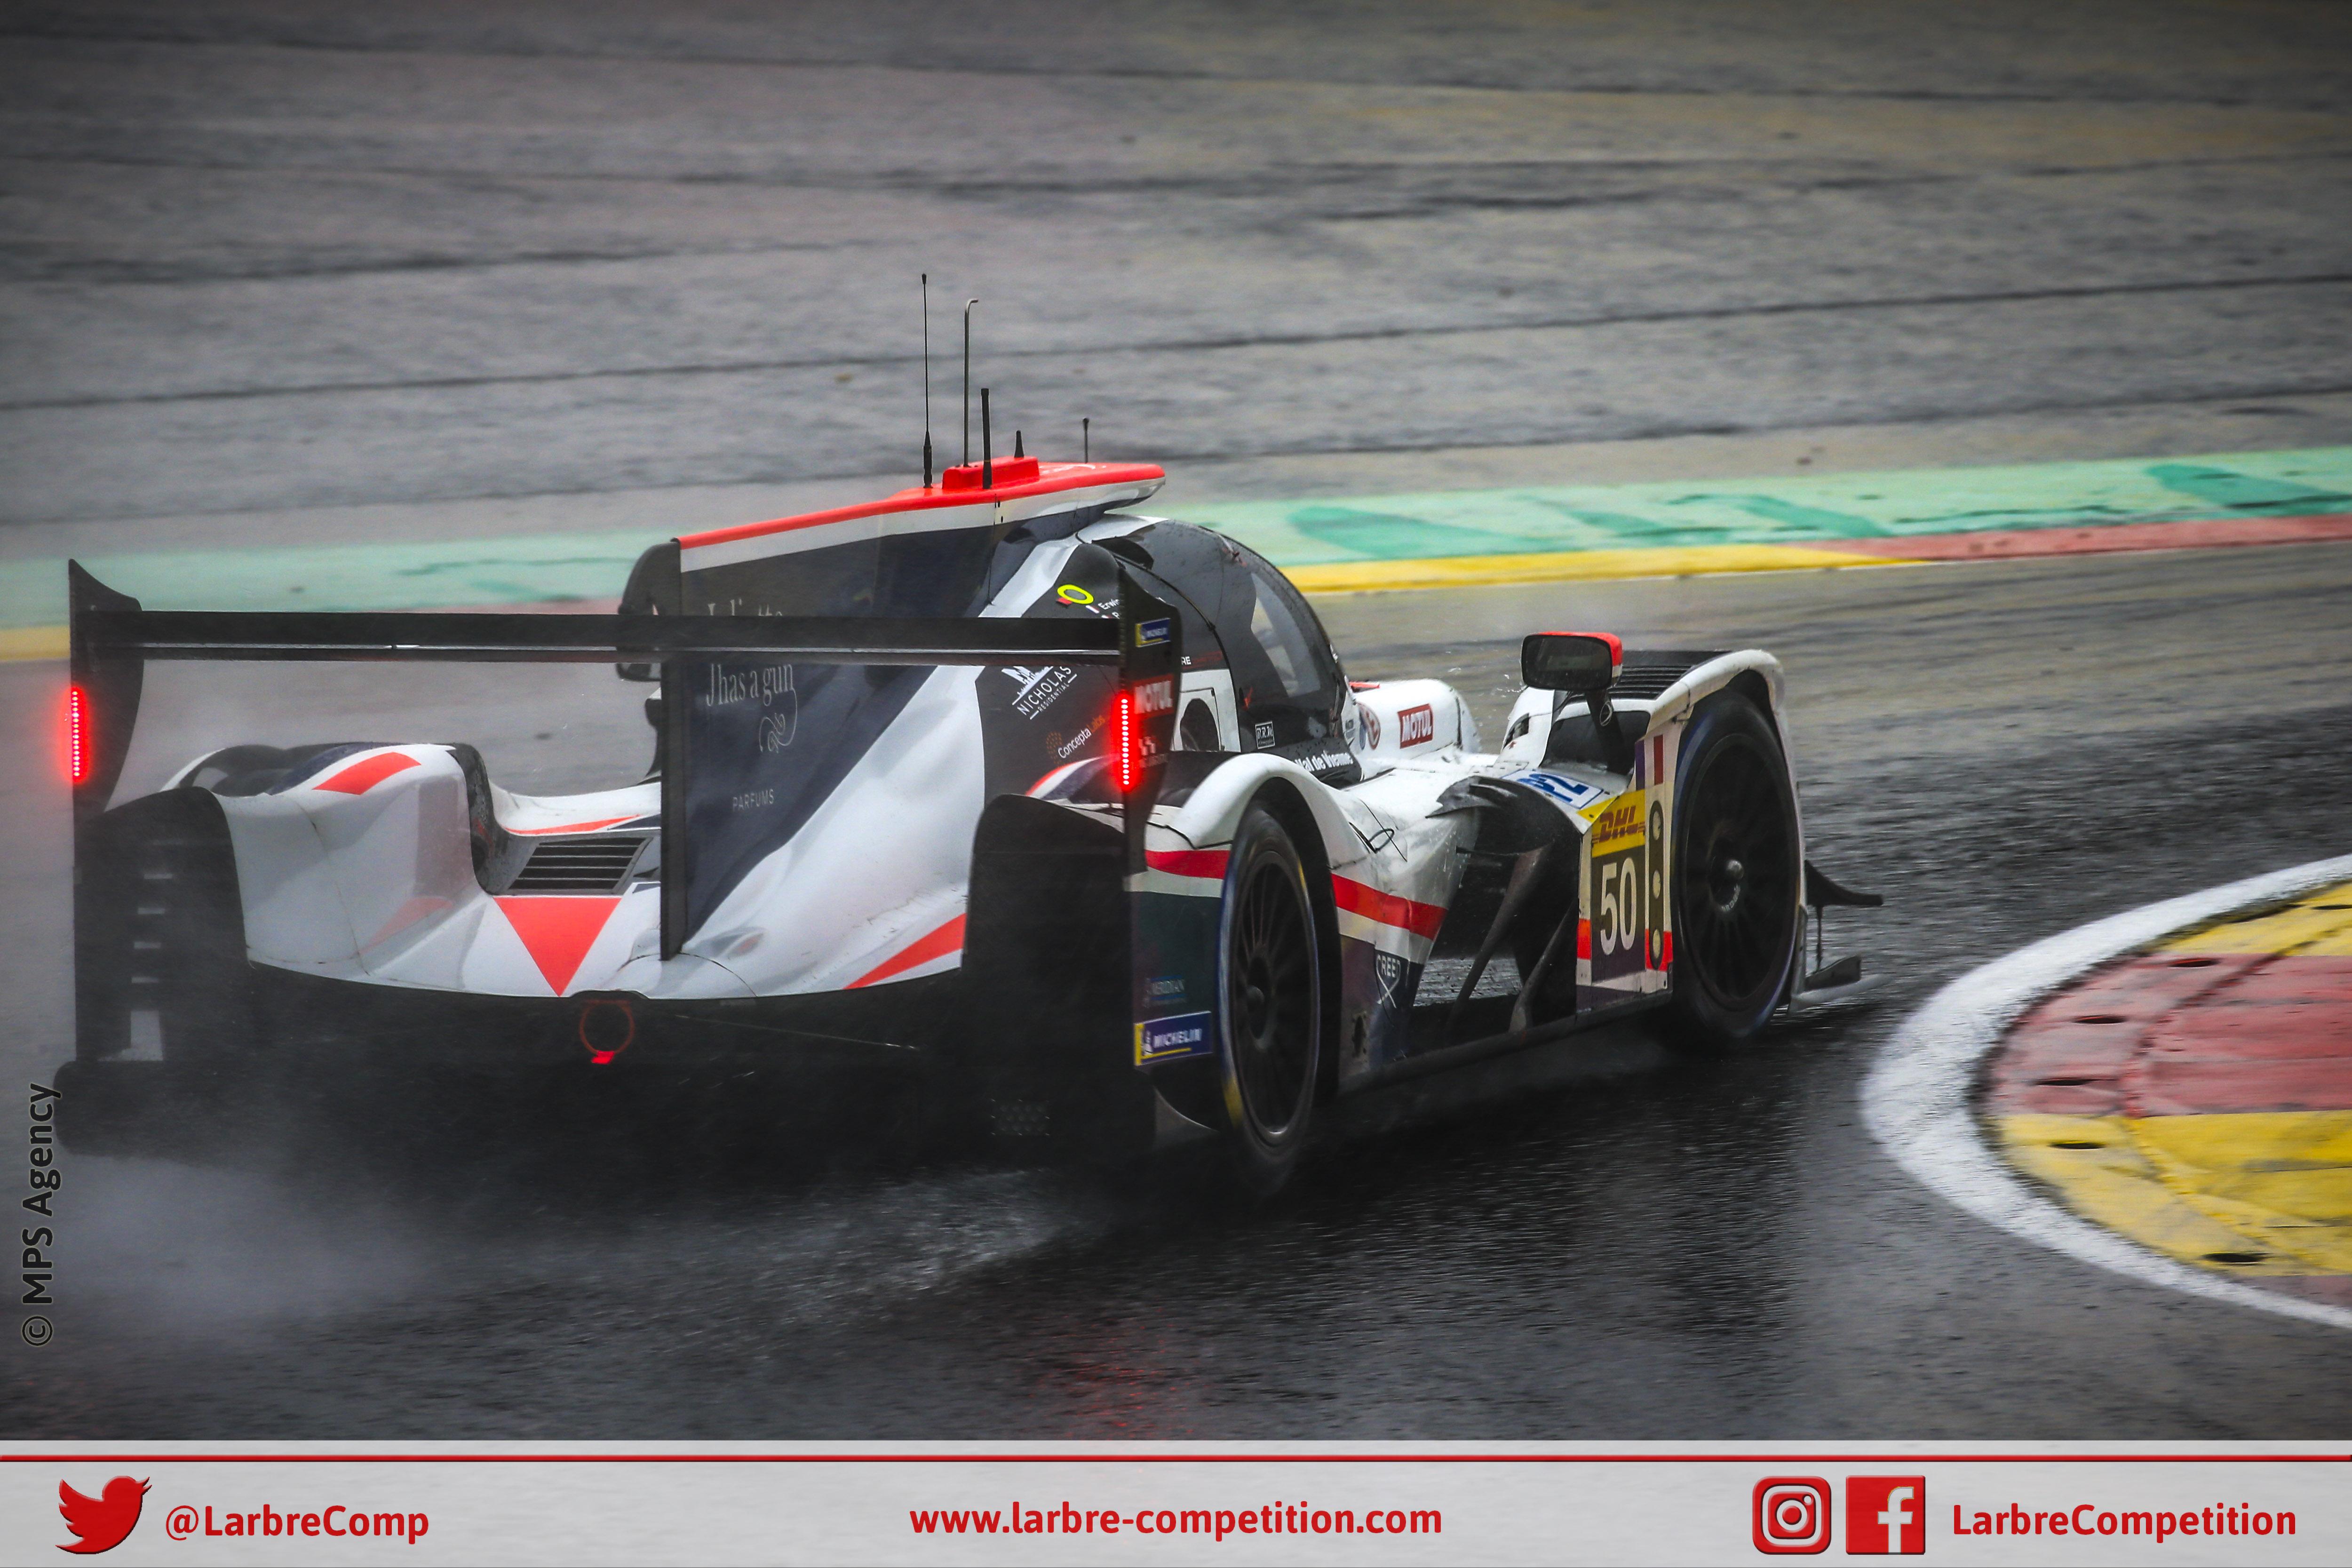 MOTORSPORT : FIA WEC - ROUND 7 - 6 HOURS OF SPA (BEL) 05/02-04/2019